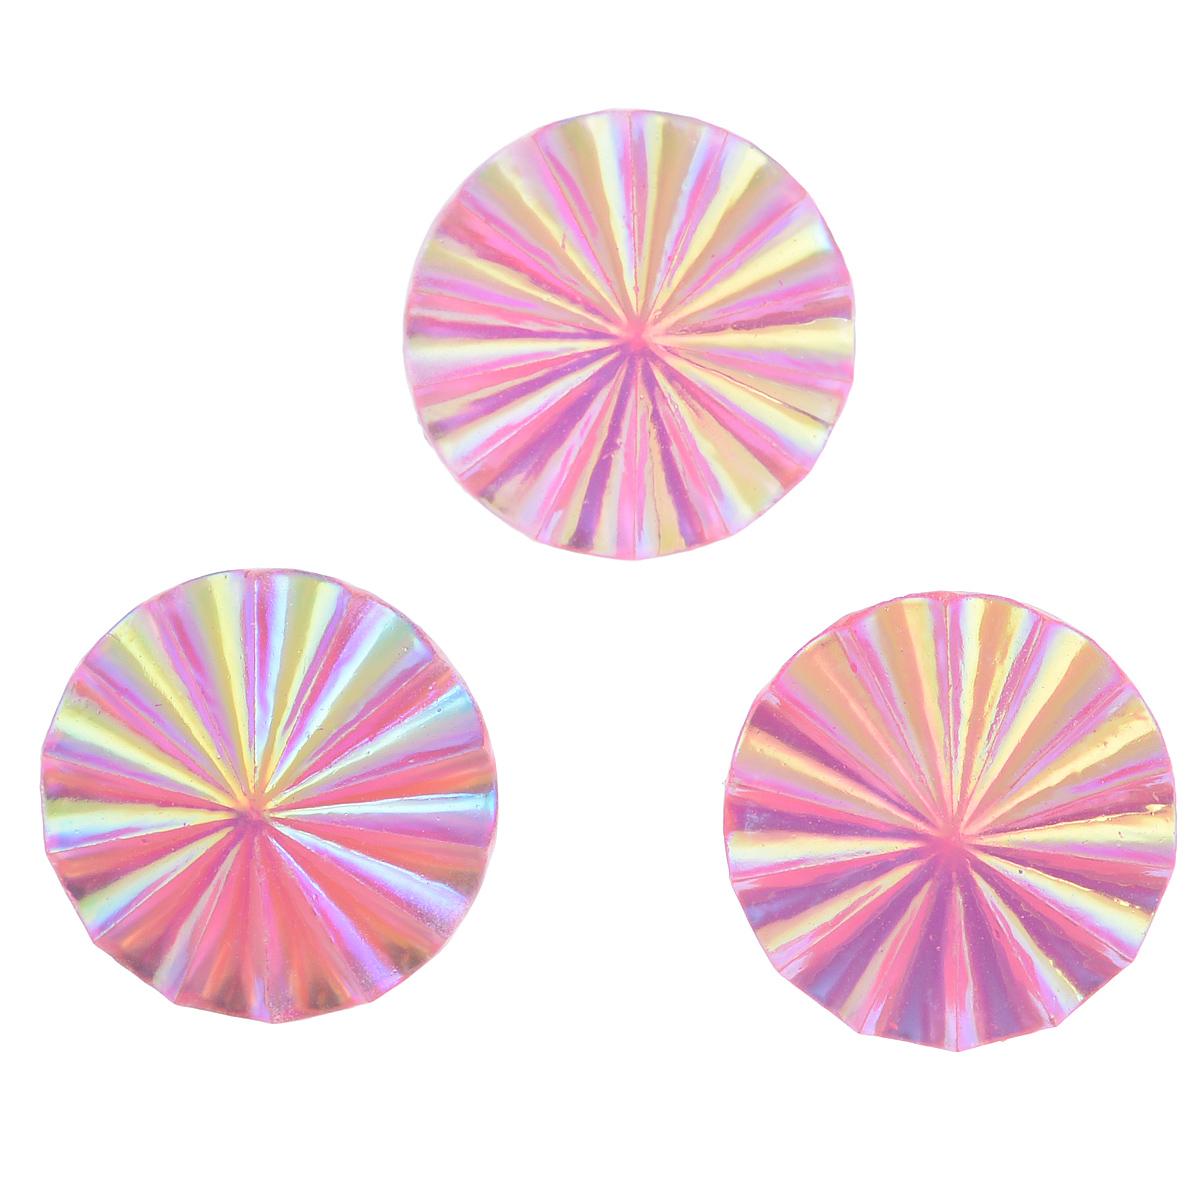 Пуговицы декоративные Астра Кристалл, цвет: розовый, диаметр 25 мм, 3 шт7708642Набор Астра Кристалл, изготовленный из пластика, состоит из 3 круглых декоративных пуговиц с рельефной перламутровой поверхностью. С помощью них вы сможете украсить одежду, подарок, открытку, фотографию, альбом и другие предметы ручной работы. Такие пуговицы станут незаменимым элементом в создании рукотворного шедевра. Диаметр пуговицы: 25 мм.